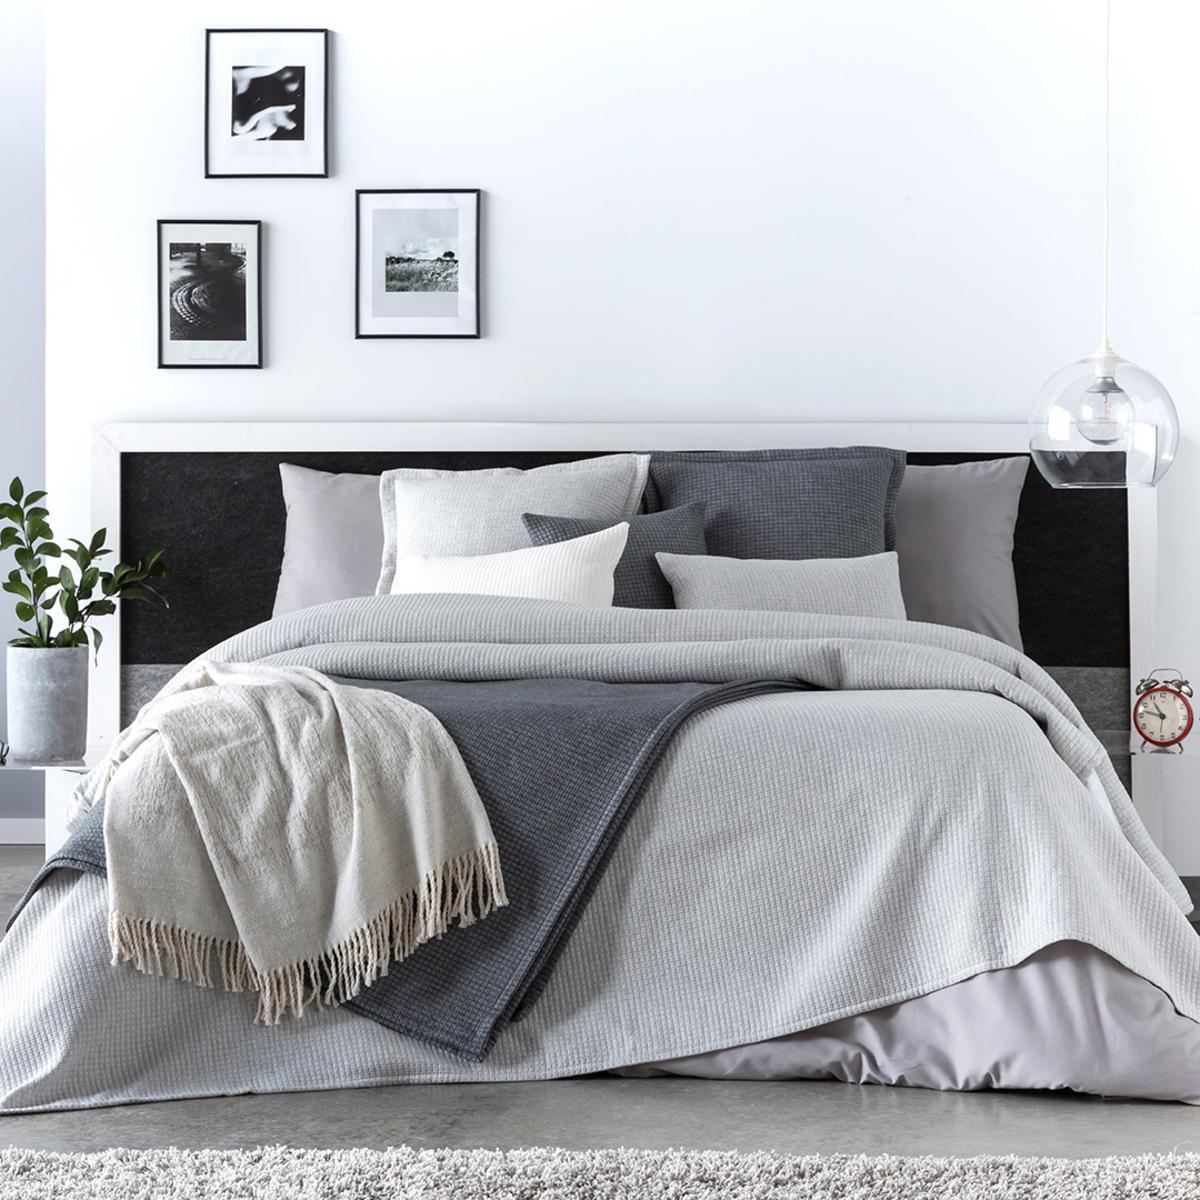 Couvre lit en coton perle 180x270